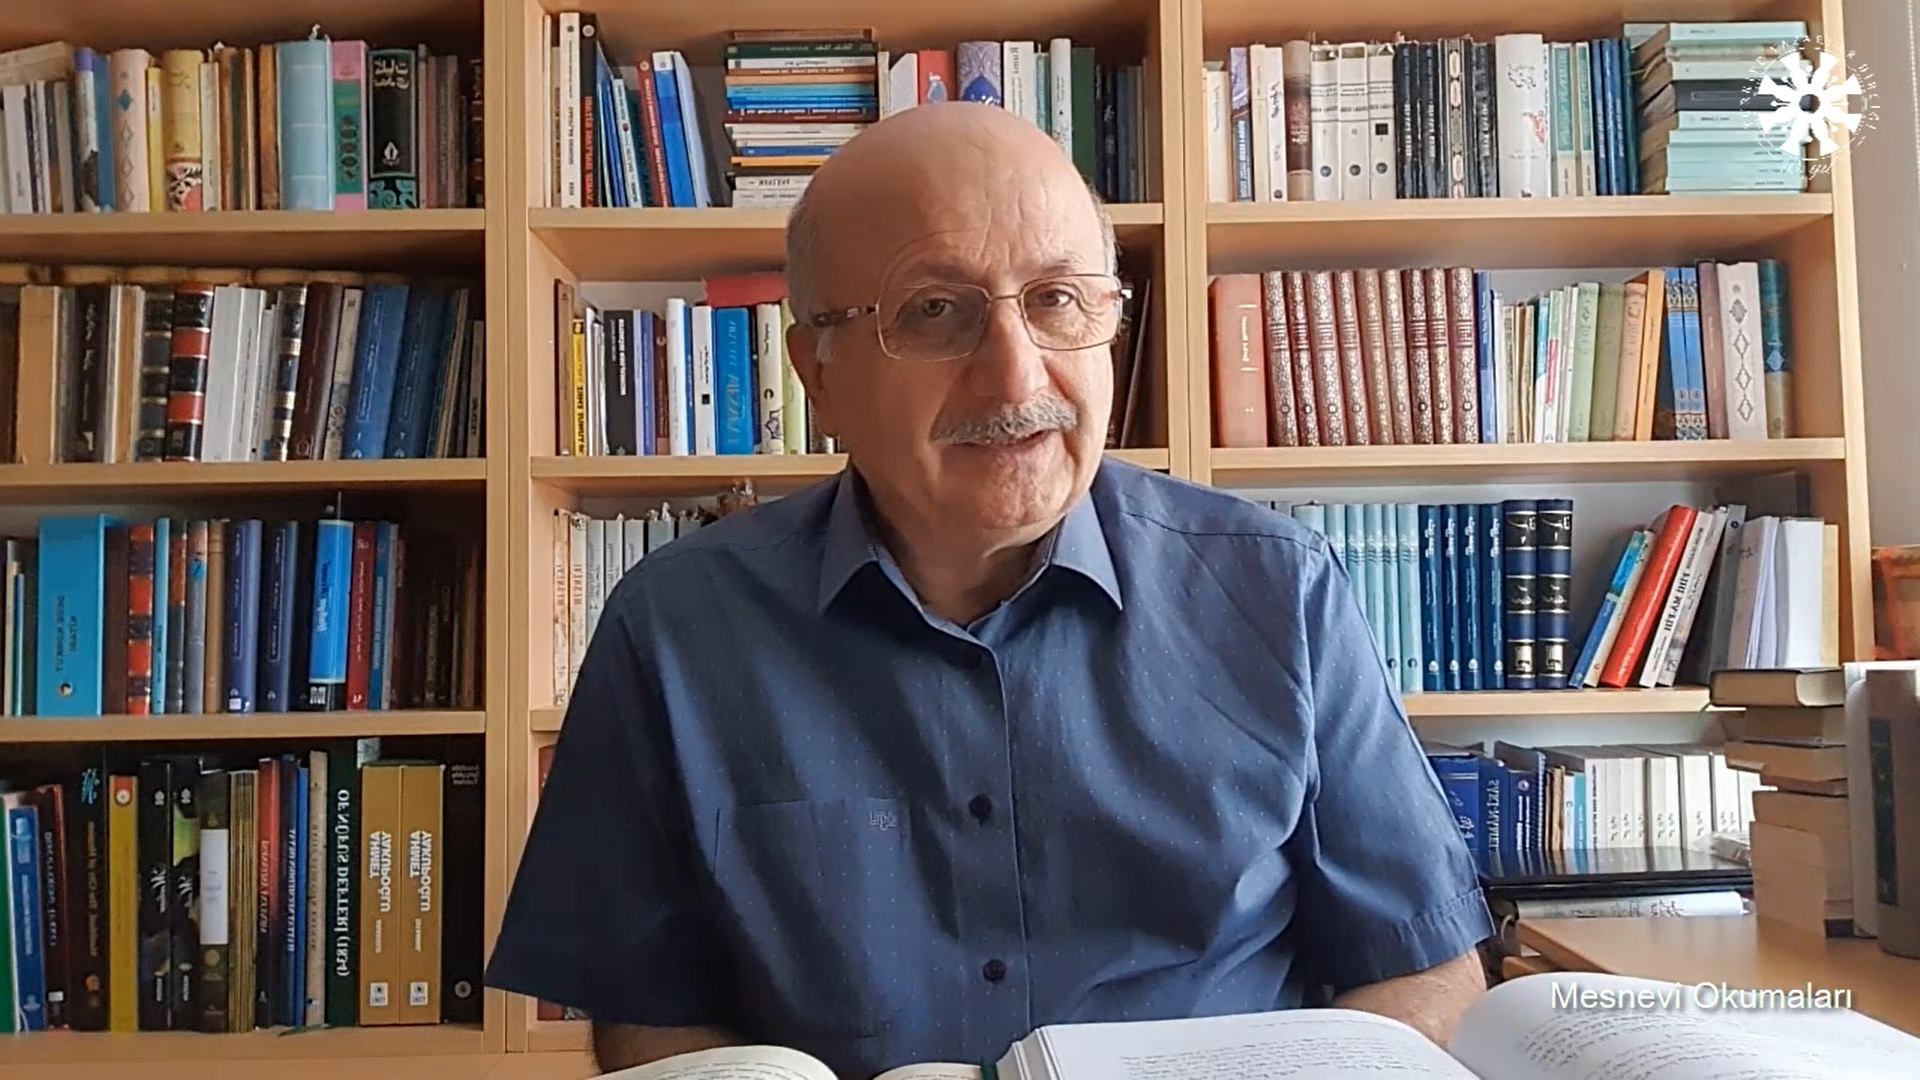 Mesnevî Okumaları -69- Prof. Dr. Adnan Karaismailoğlu